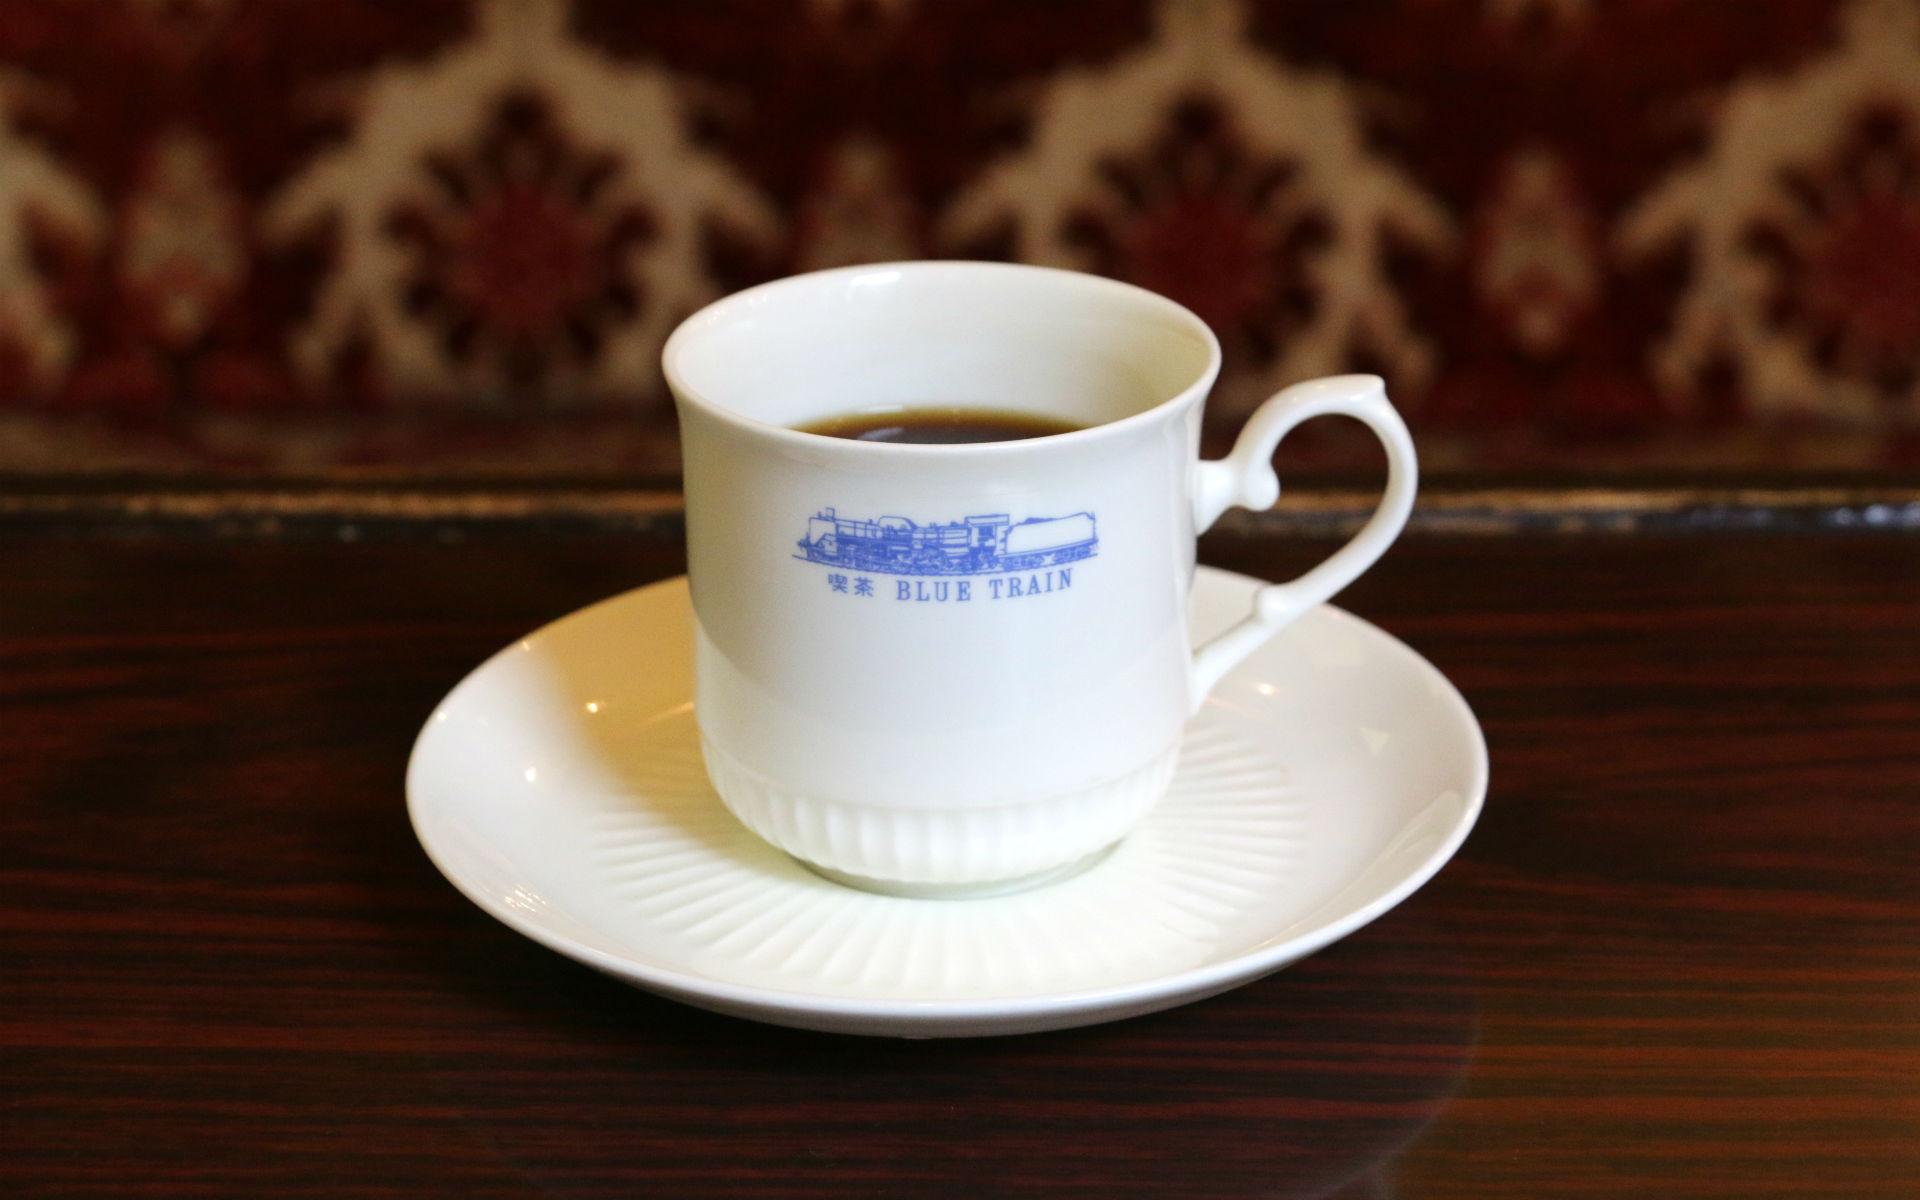 コーヒーカップには列車とともにデザインされたお店のロゴが